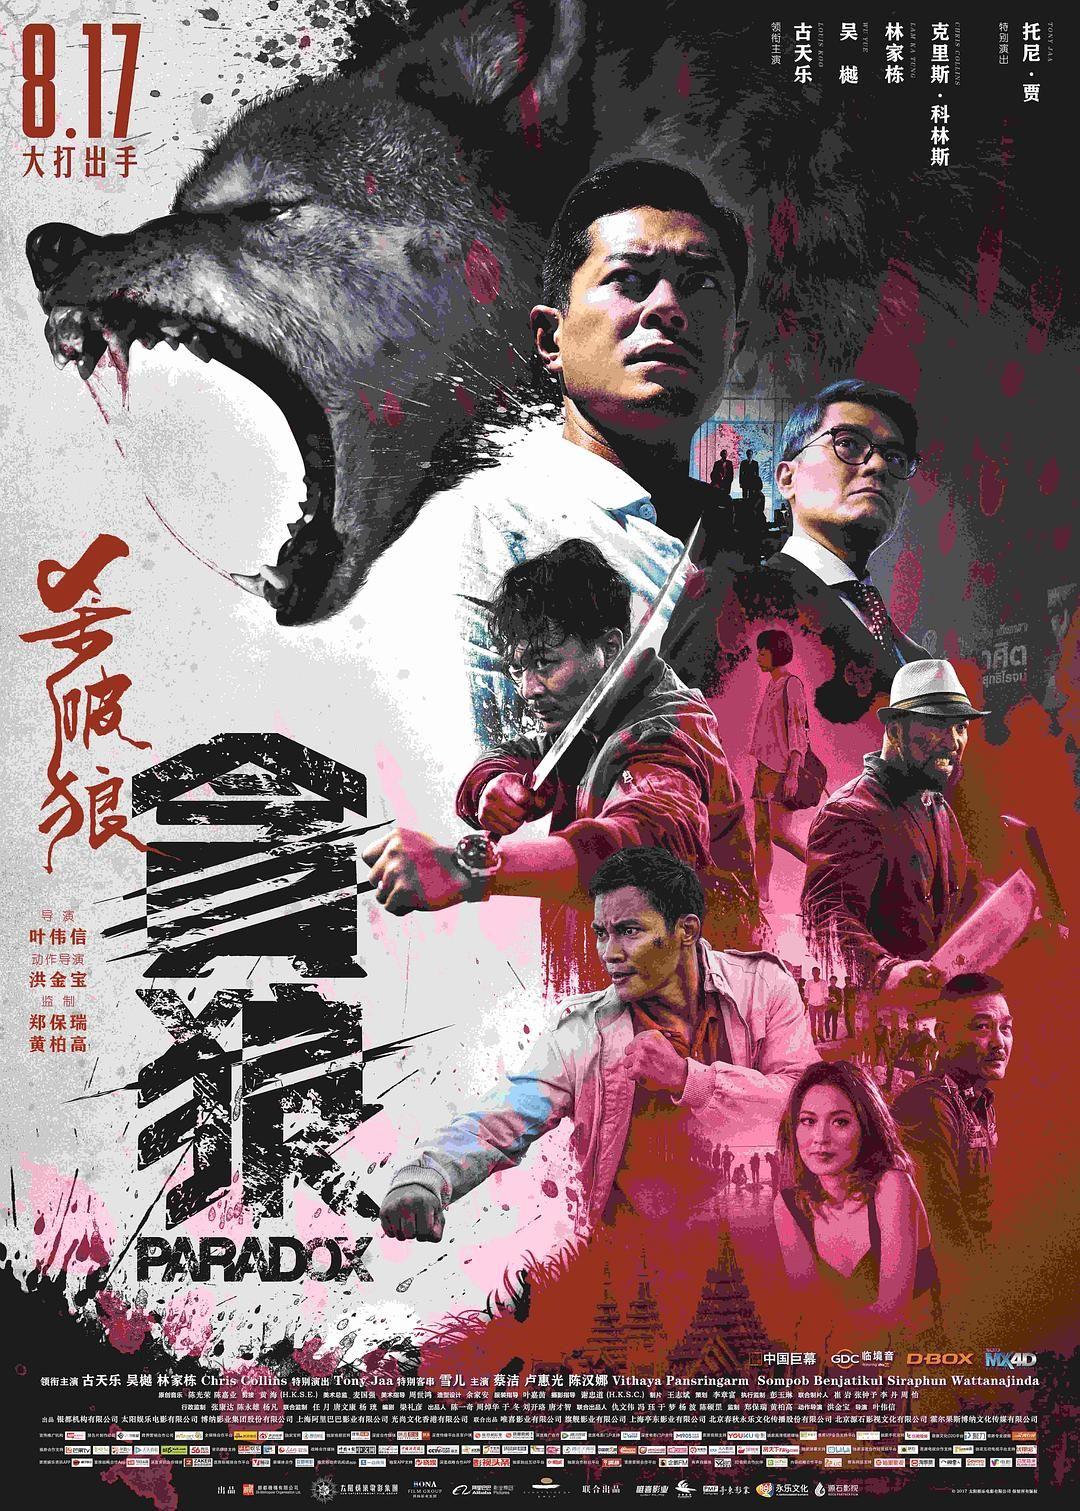 2017年古天乐动作《杀破狼·贪狼》BD国粤双语中字